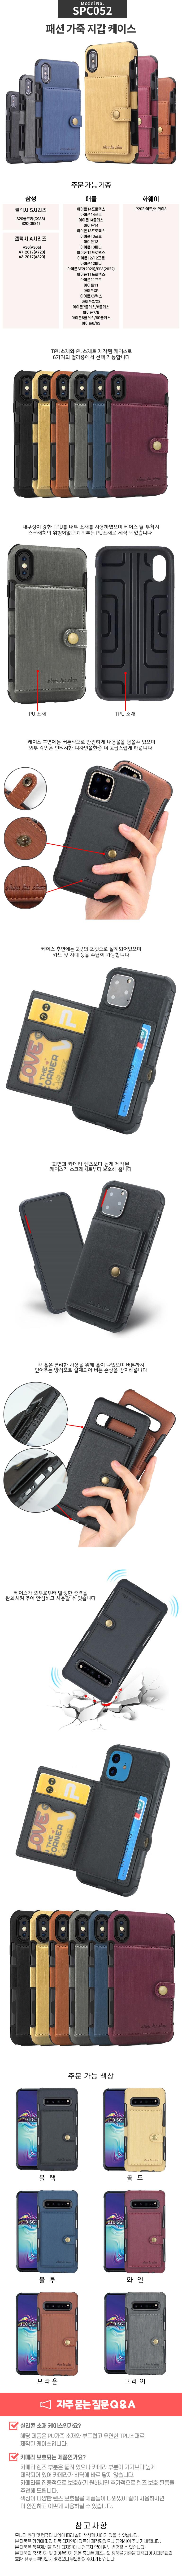 아이폰XS MAX맥스 패션 가죽 지갑 휴대폰 핸드폰 케이스 - 수나르, 20,800원, 케이스, 아이폰XR